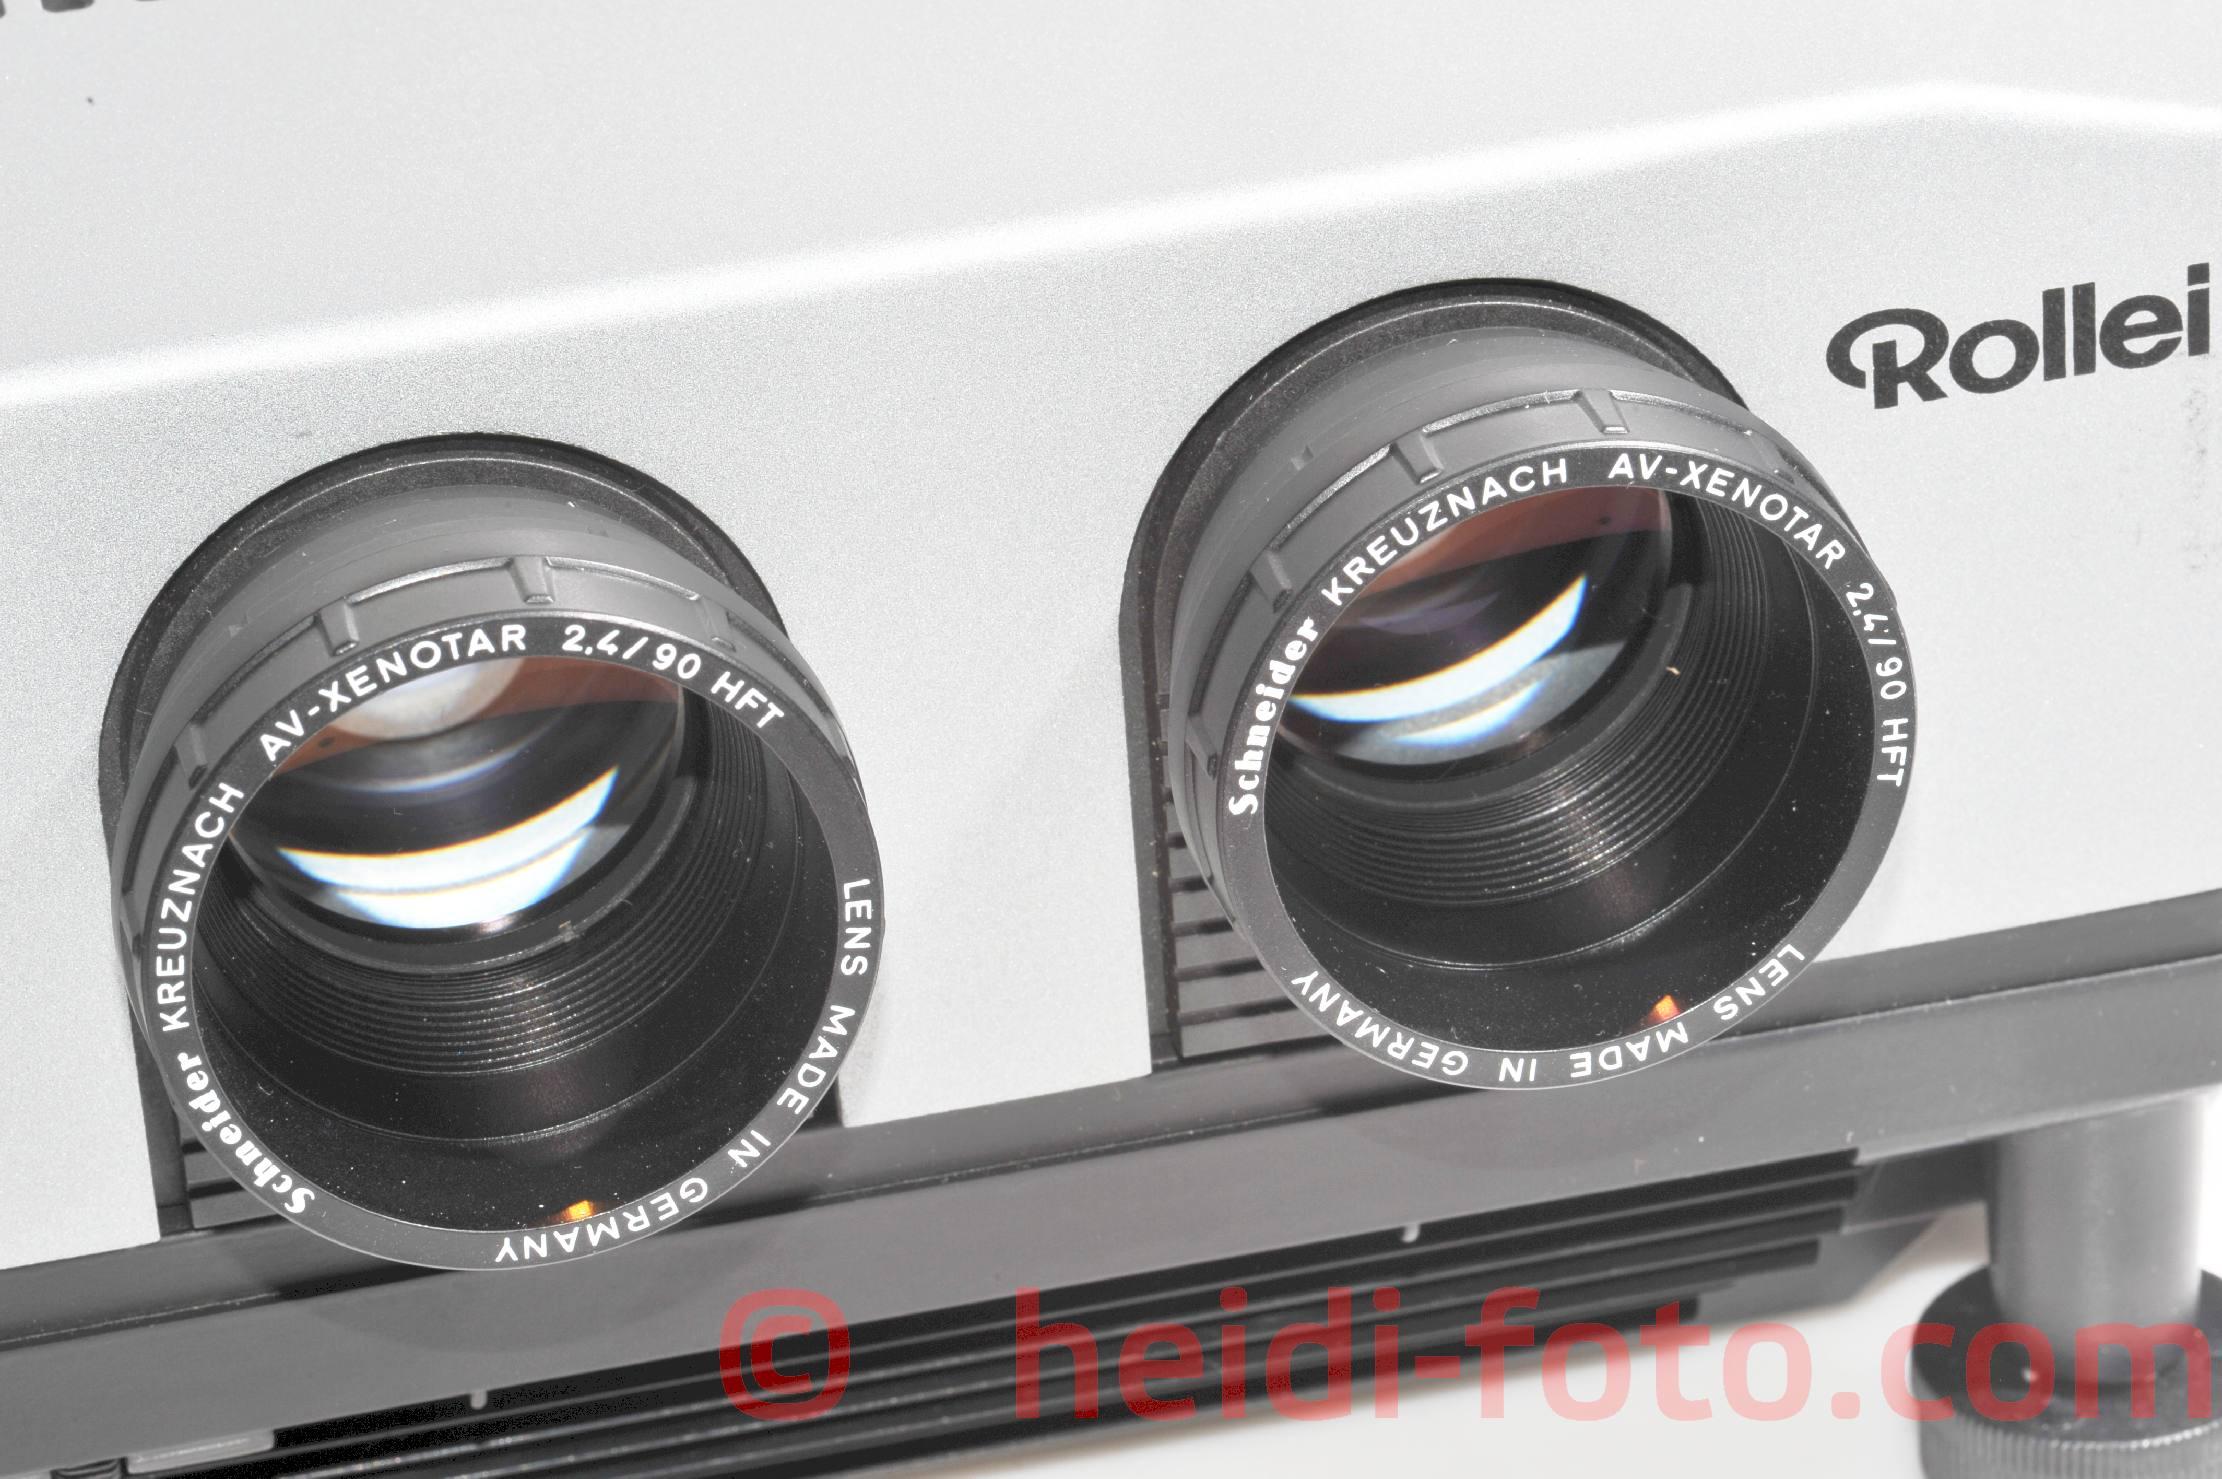 Rollei MSC 310 twin Diaprojektor + 90mm 2,4 XENOTAR - AF IR Fernbedienung